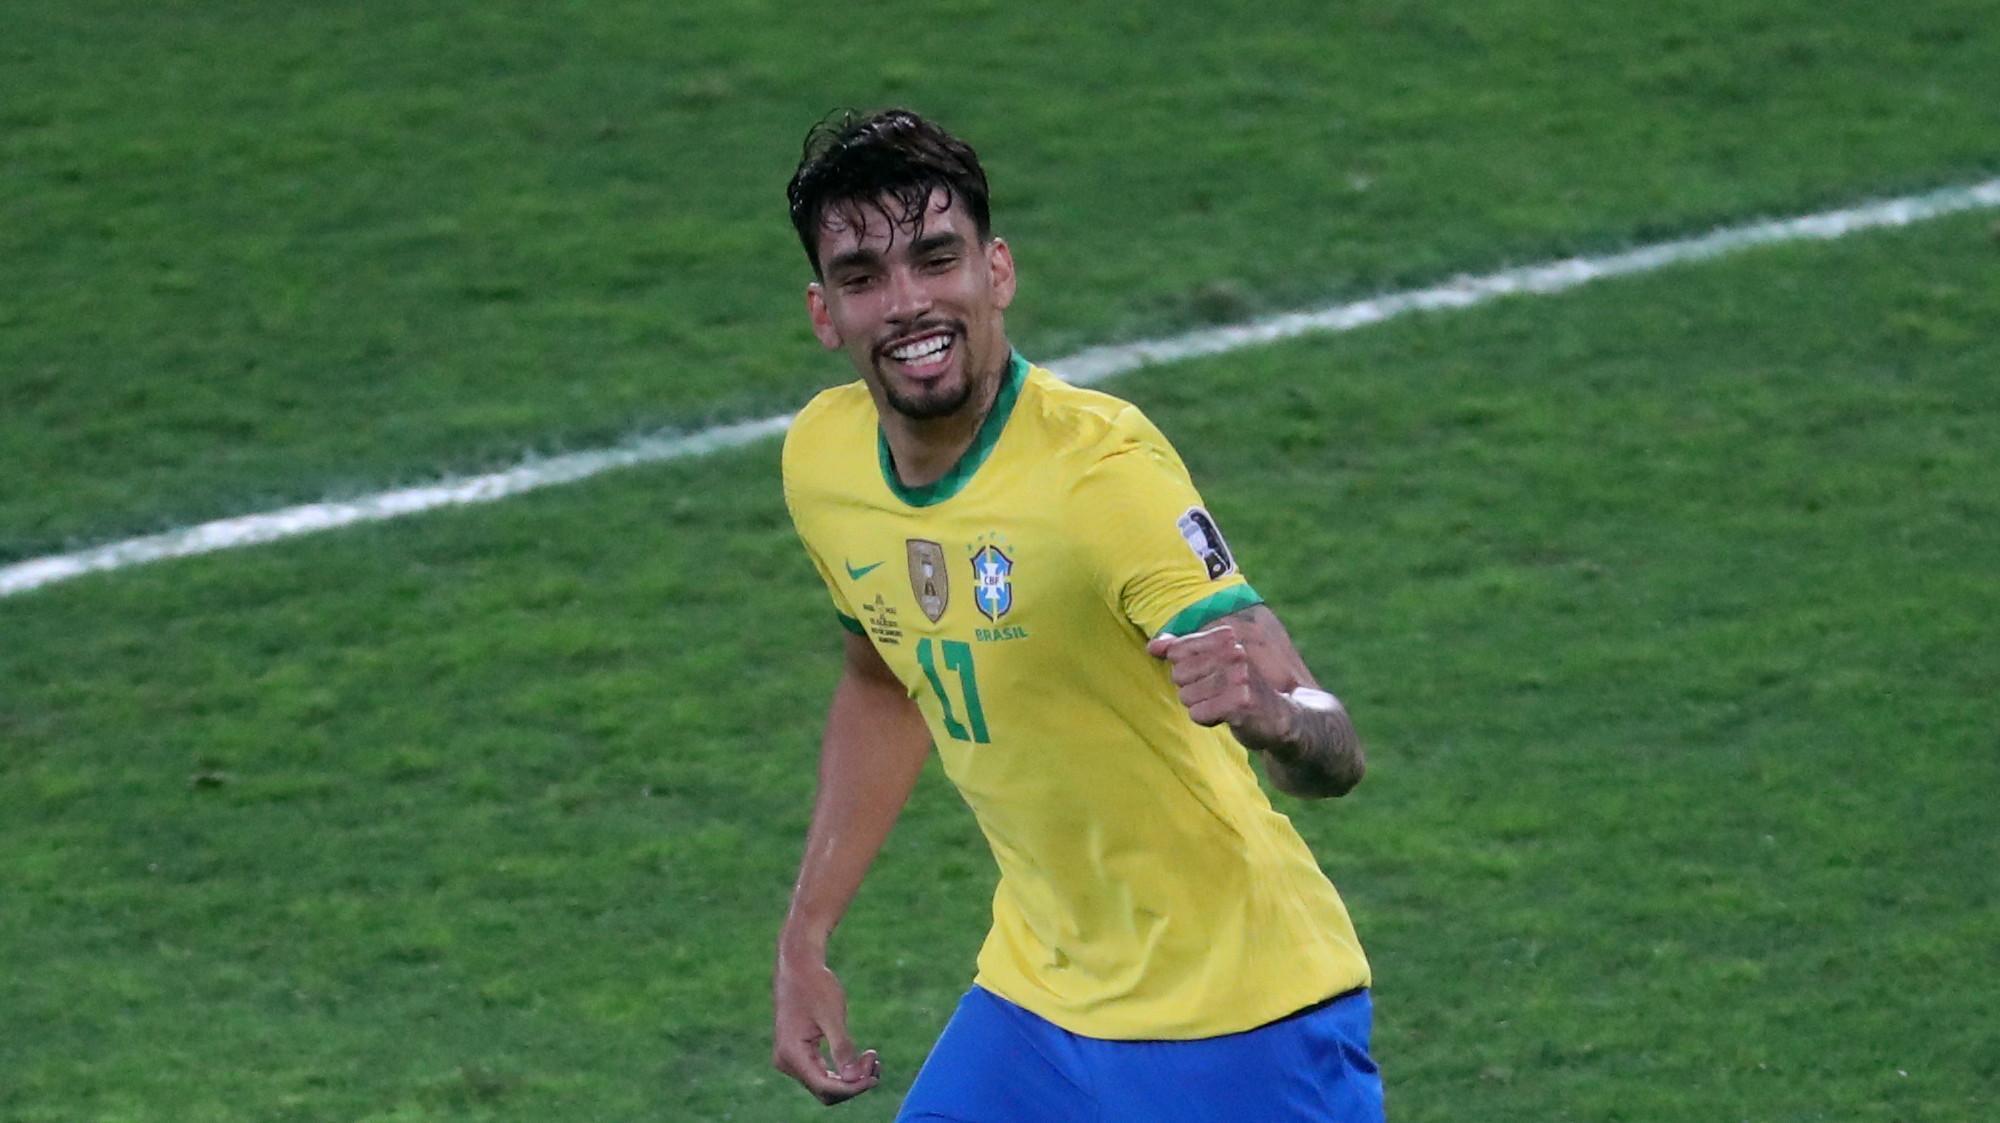 לוקאס פאקטה שחקן נבחרת ברזיל. רויטרס